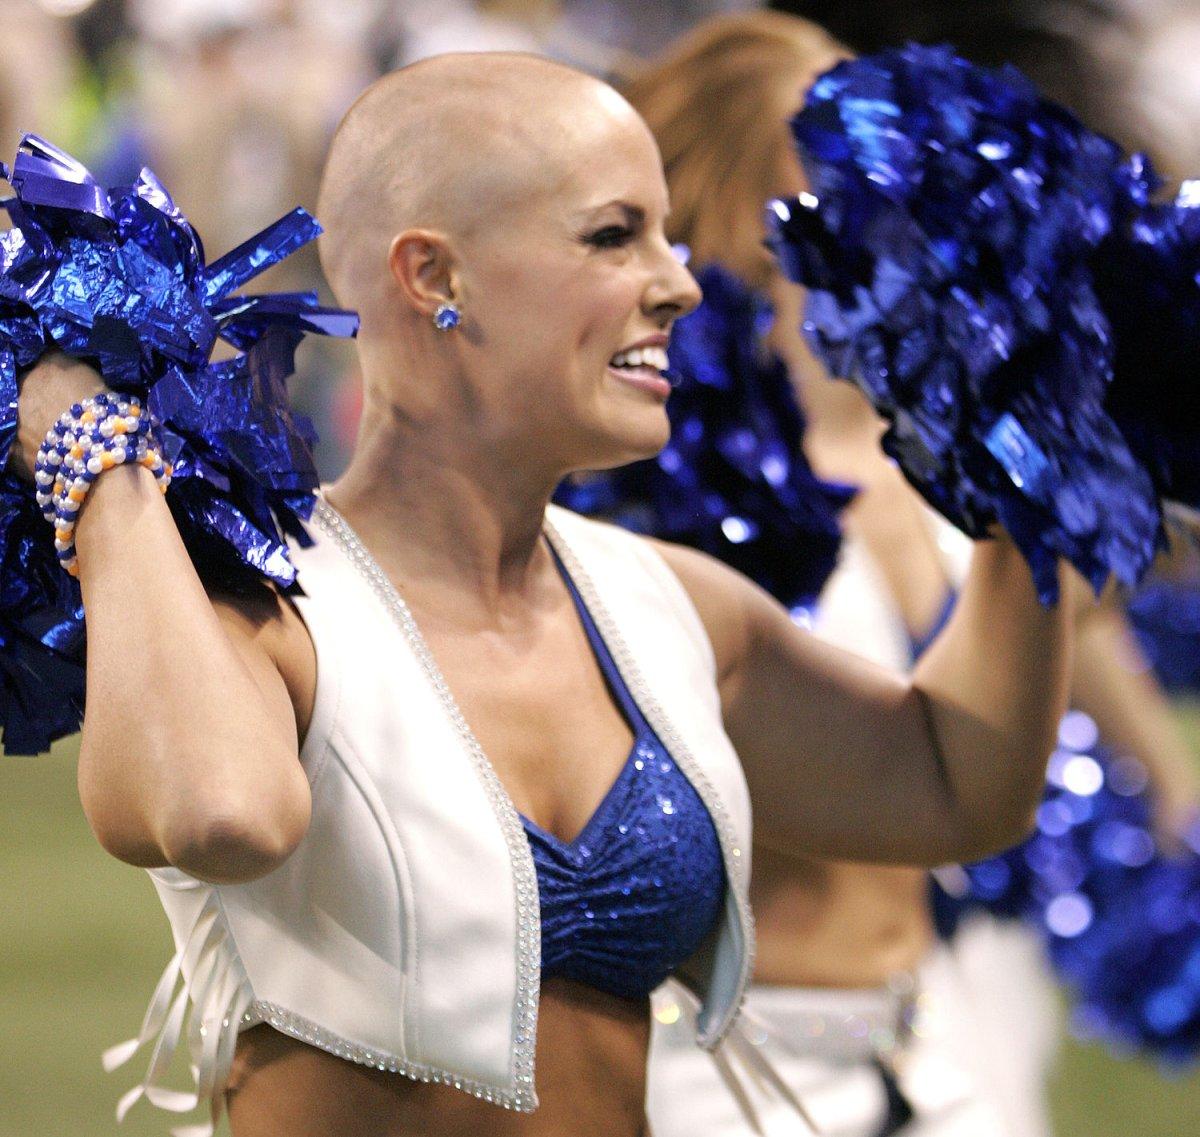 Cheerleader rasiert — bild 7